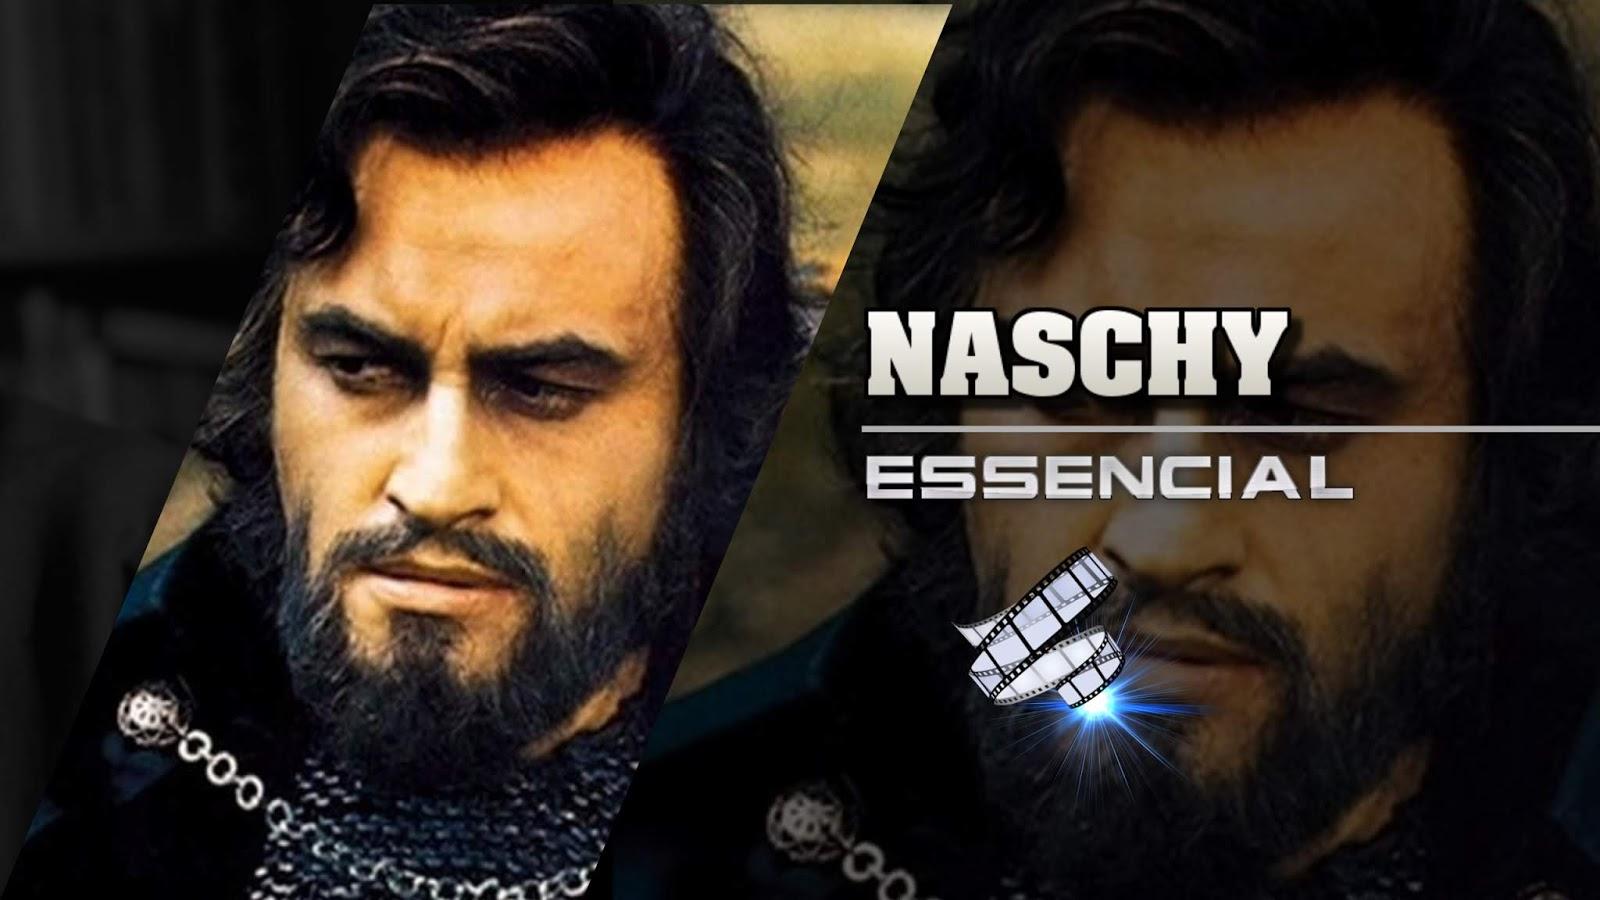 paul-naschy-10-filmes-essenciais